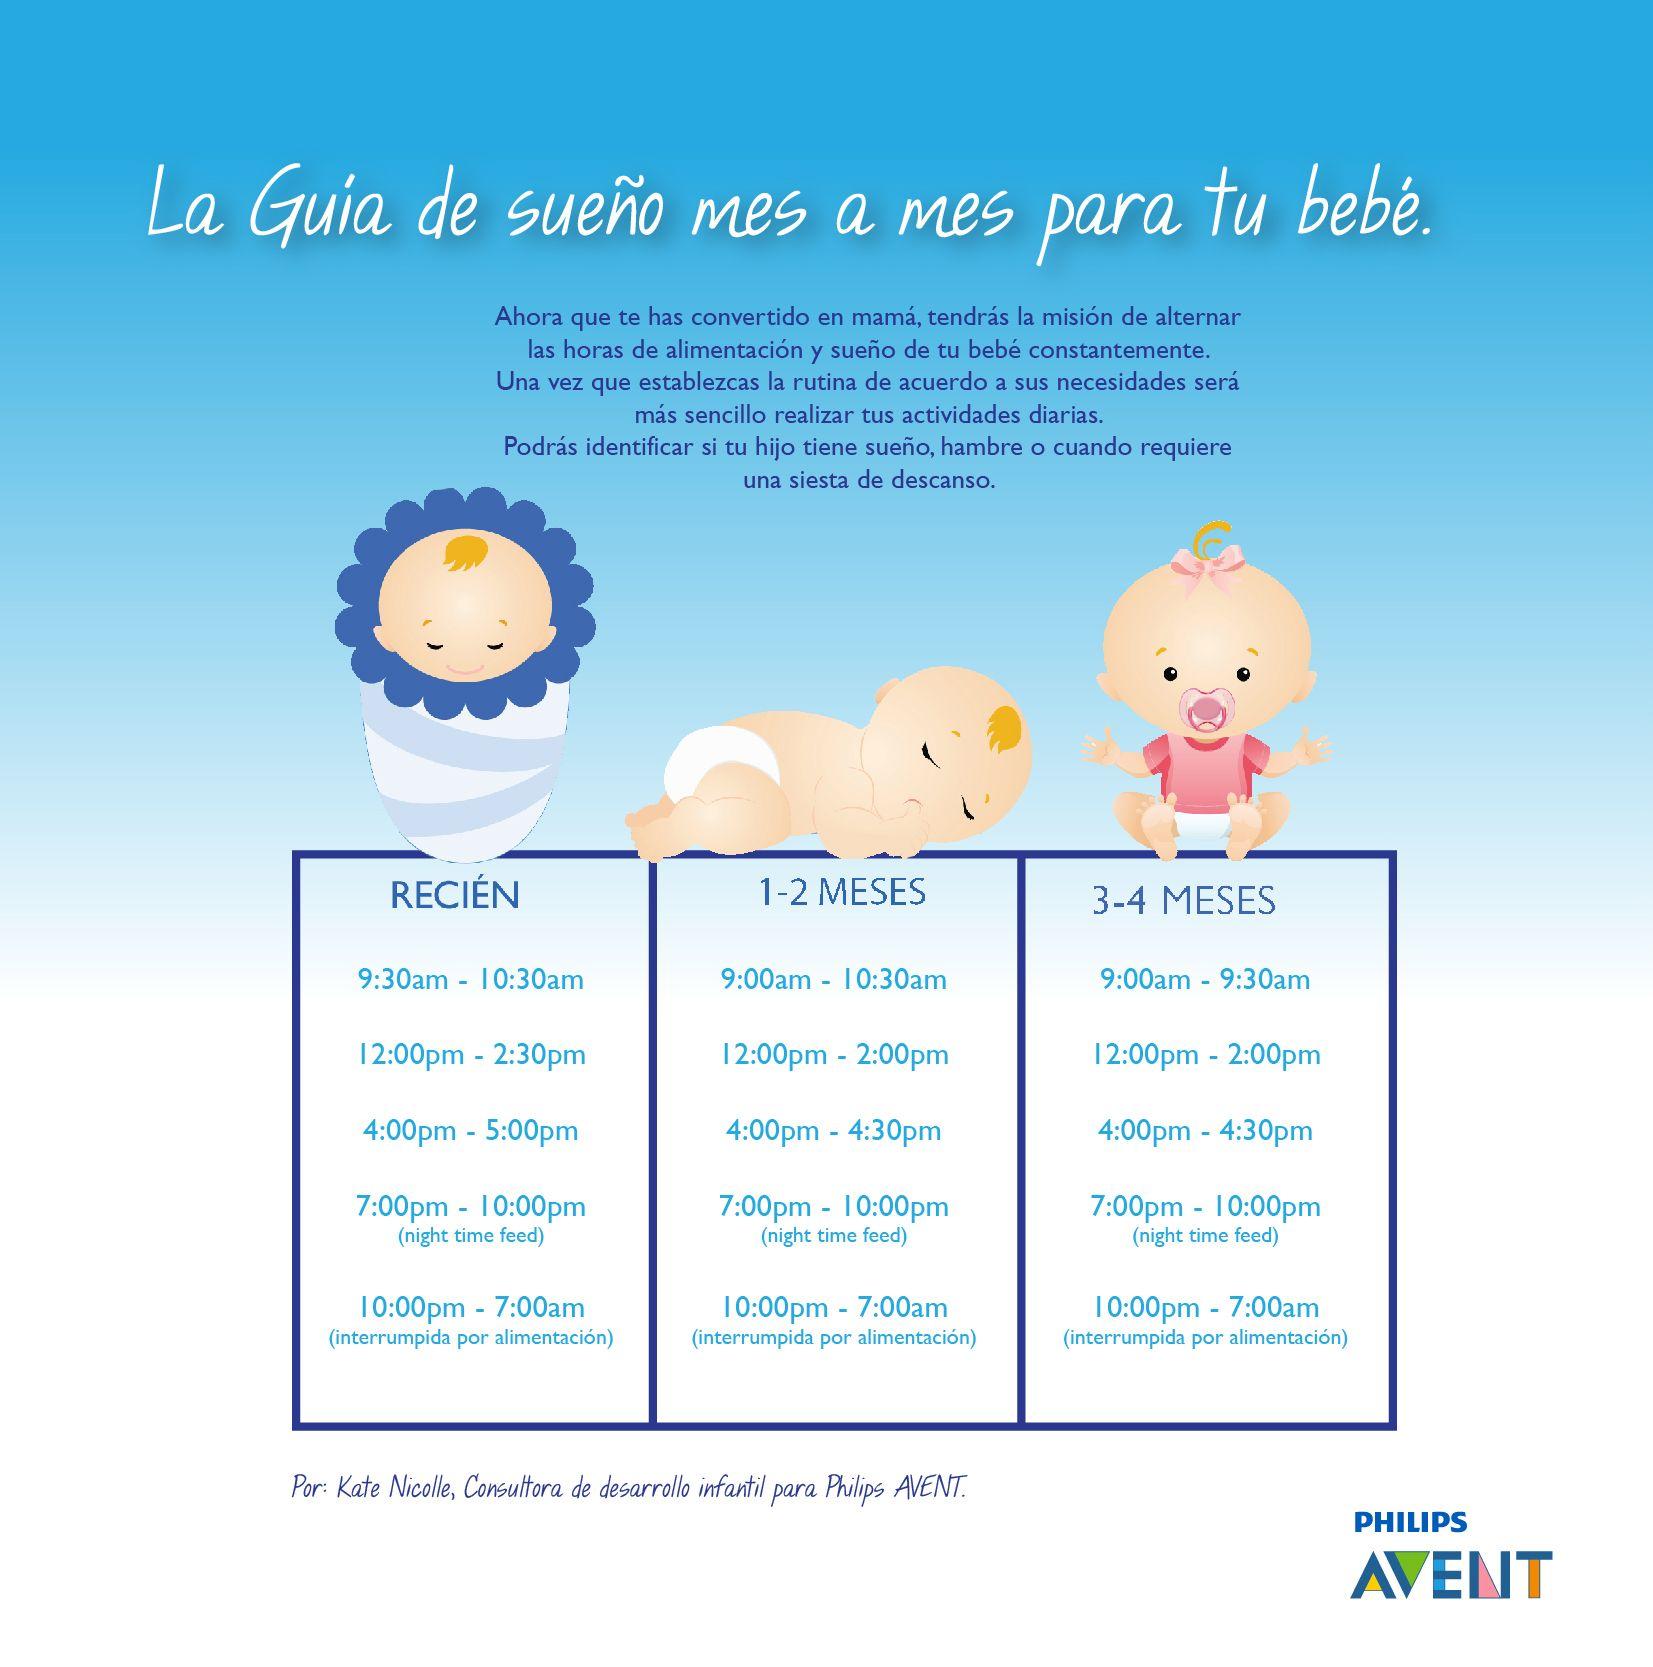 nutricion de un bebe de 3 meses